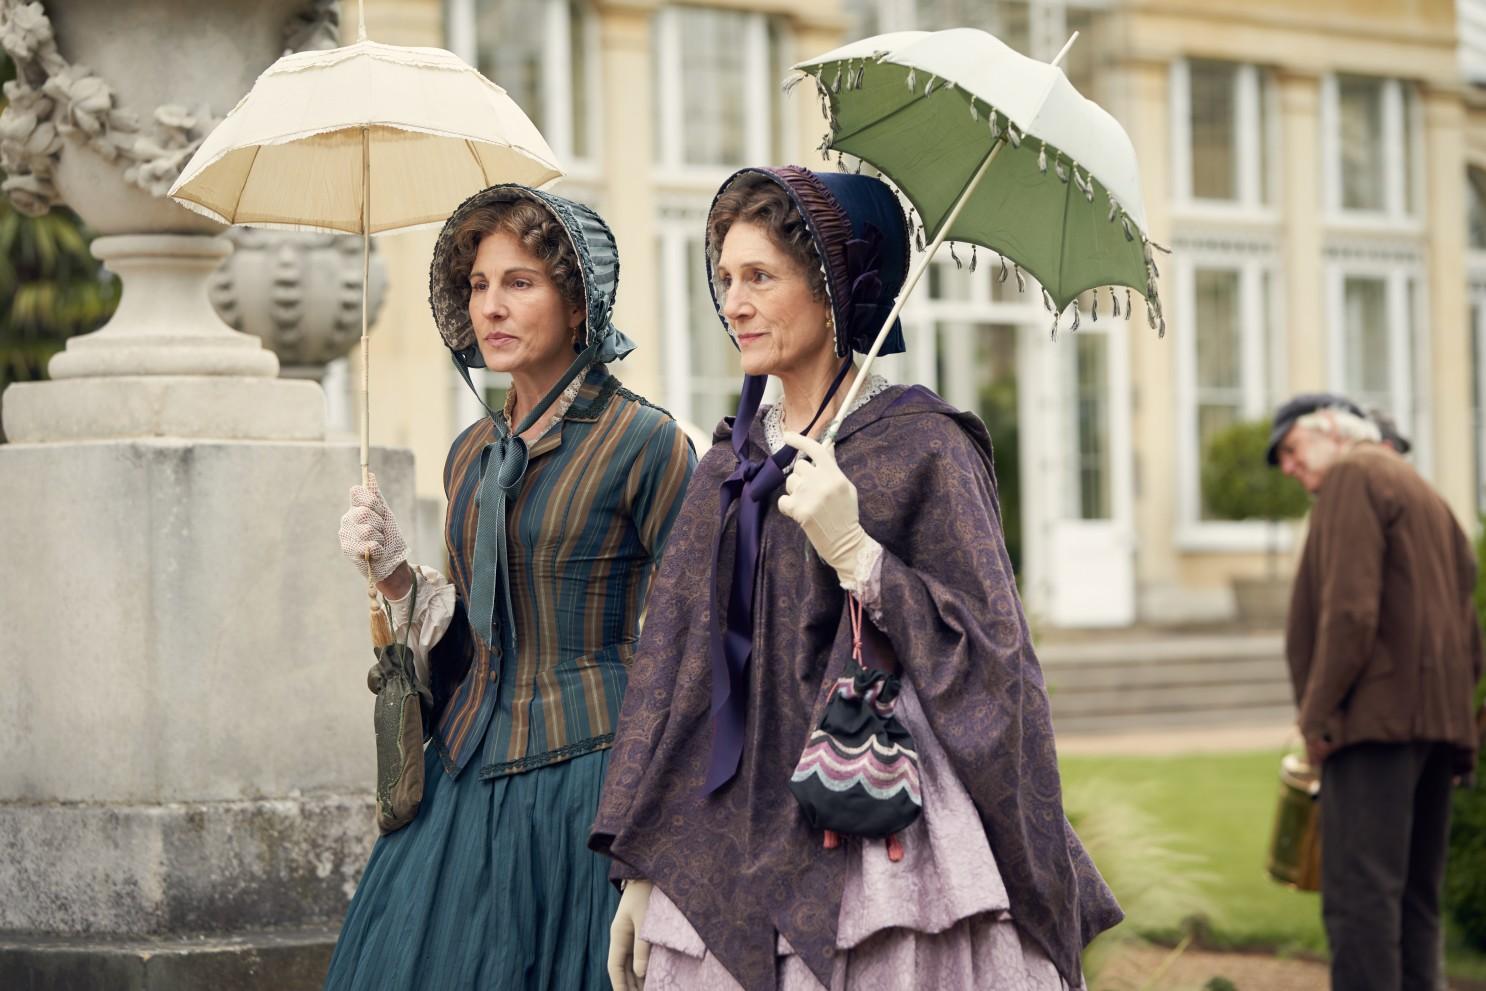 Jelenet a sorozatból: Anne Trenchard és Brockenhurst grófnő